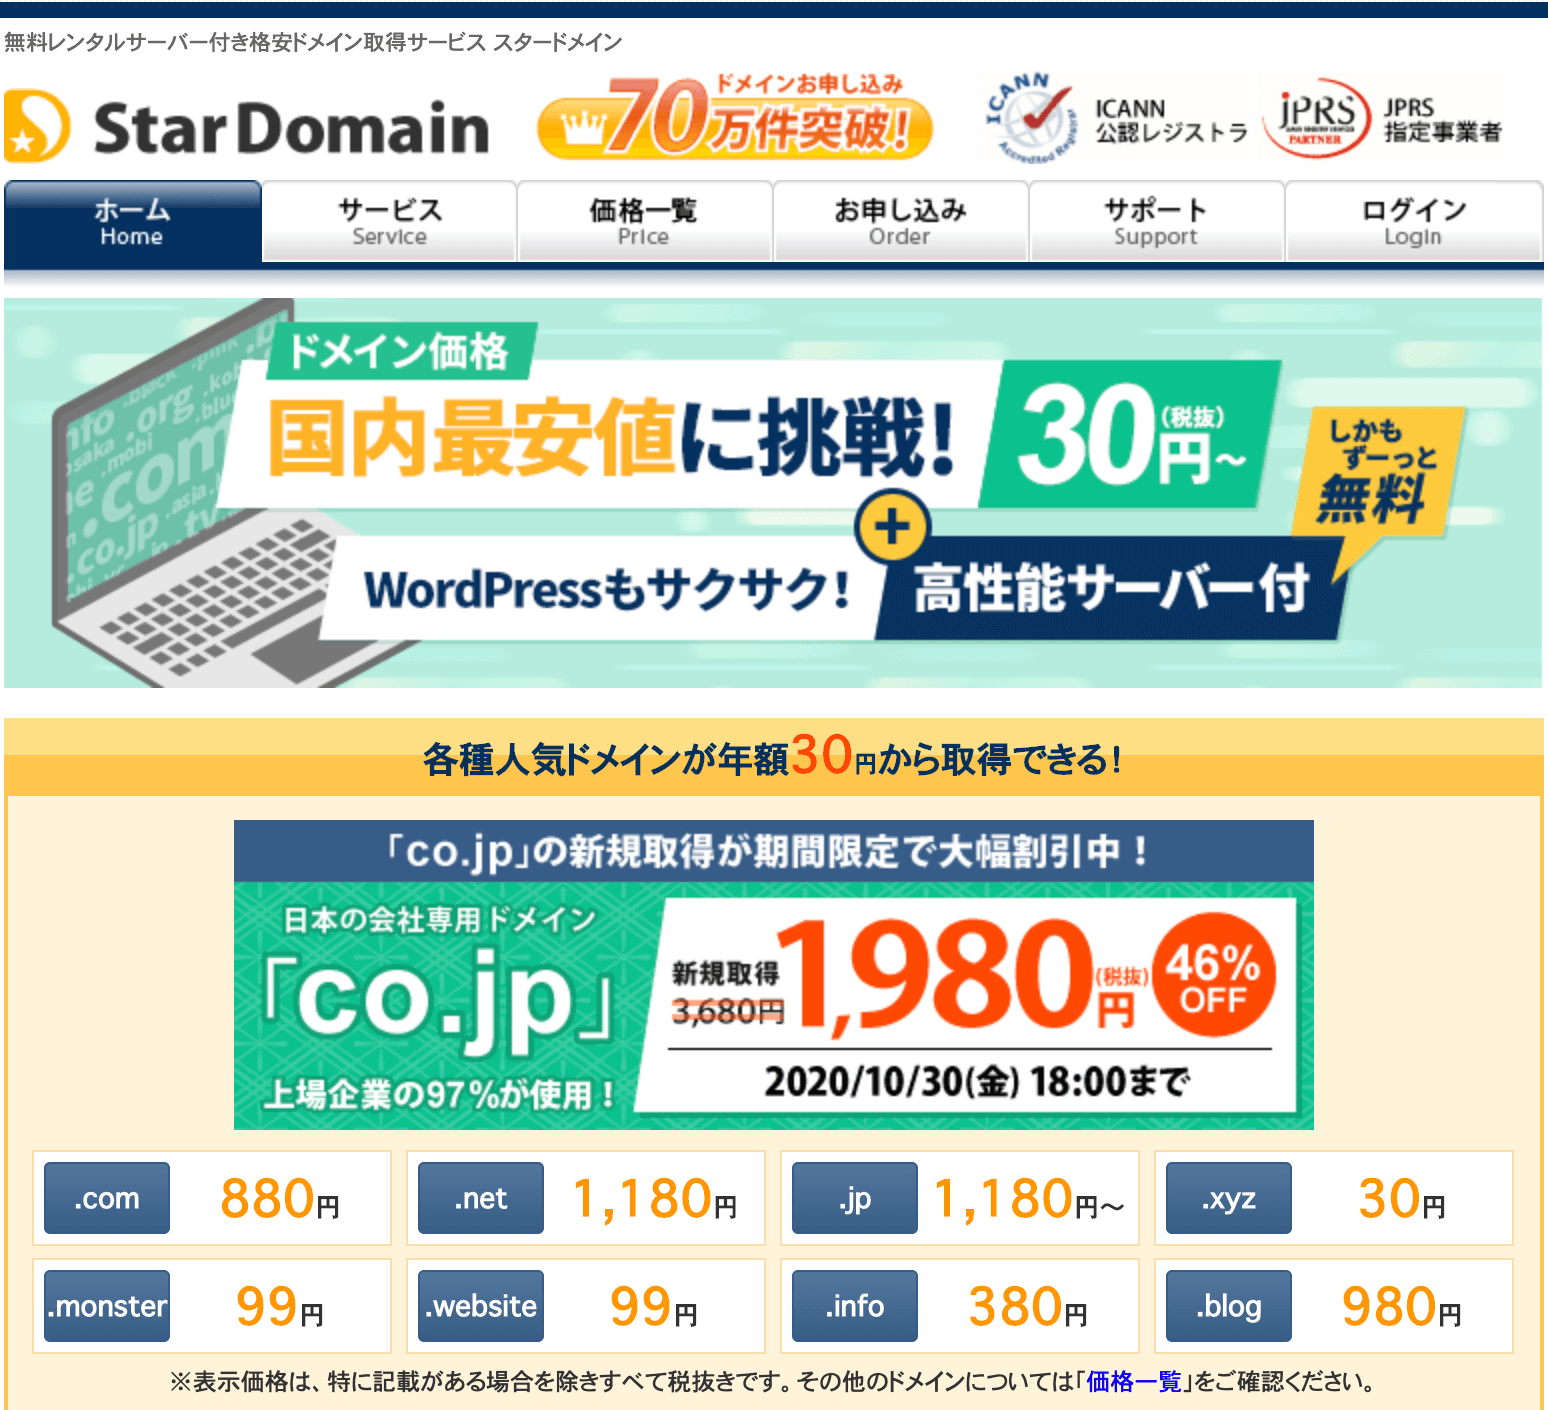 Star Domain(スタードメイン)